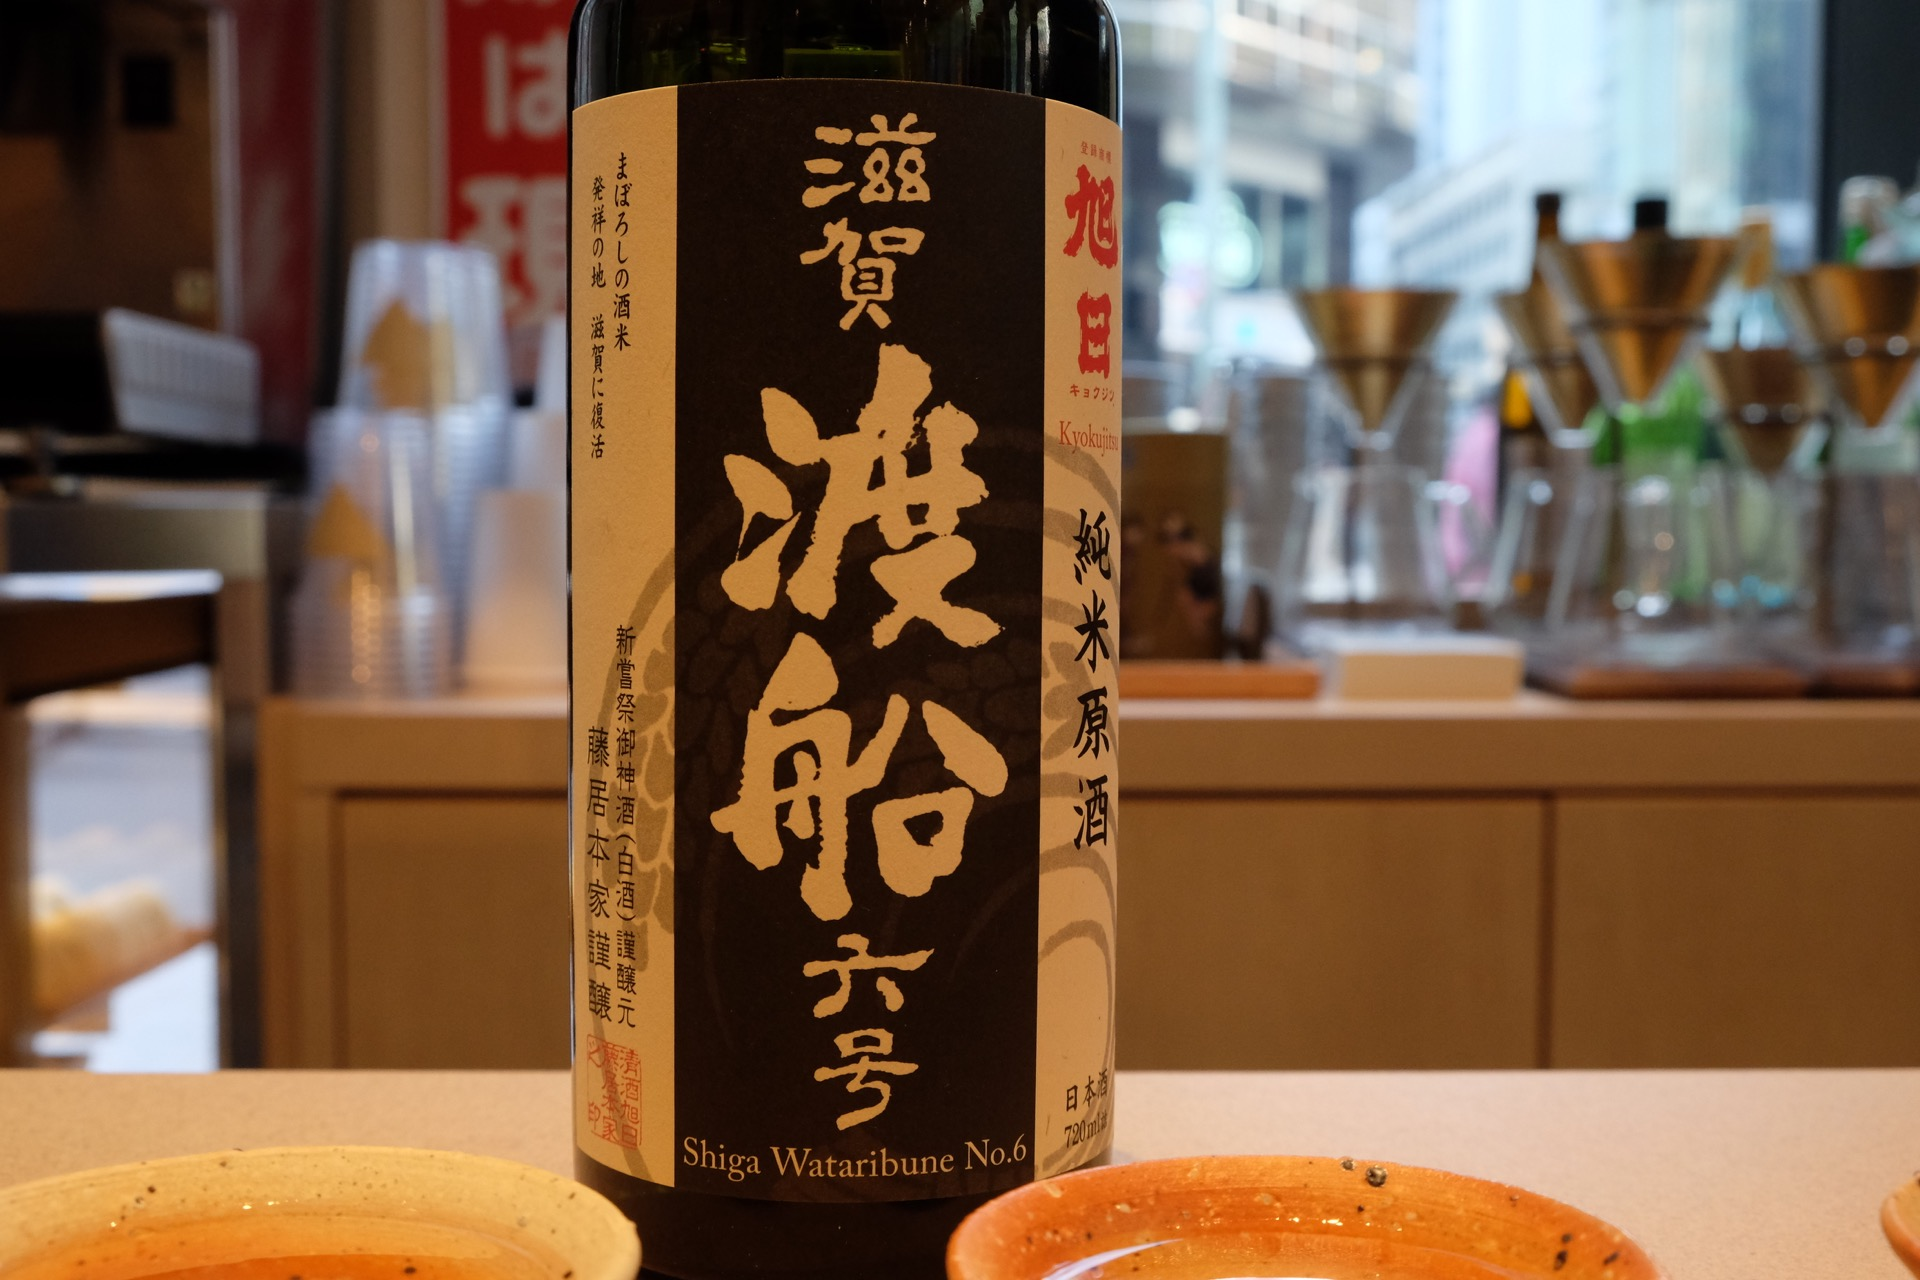 旭日 滋賀渡船六号 特別純米原酒|日本酒テイスティングノート